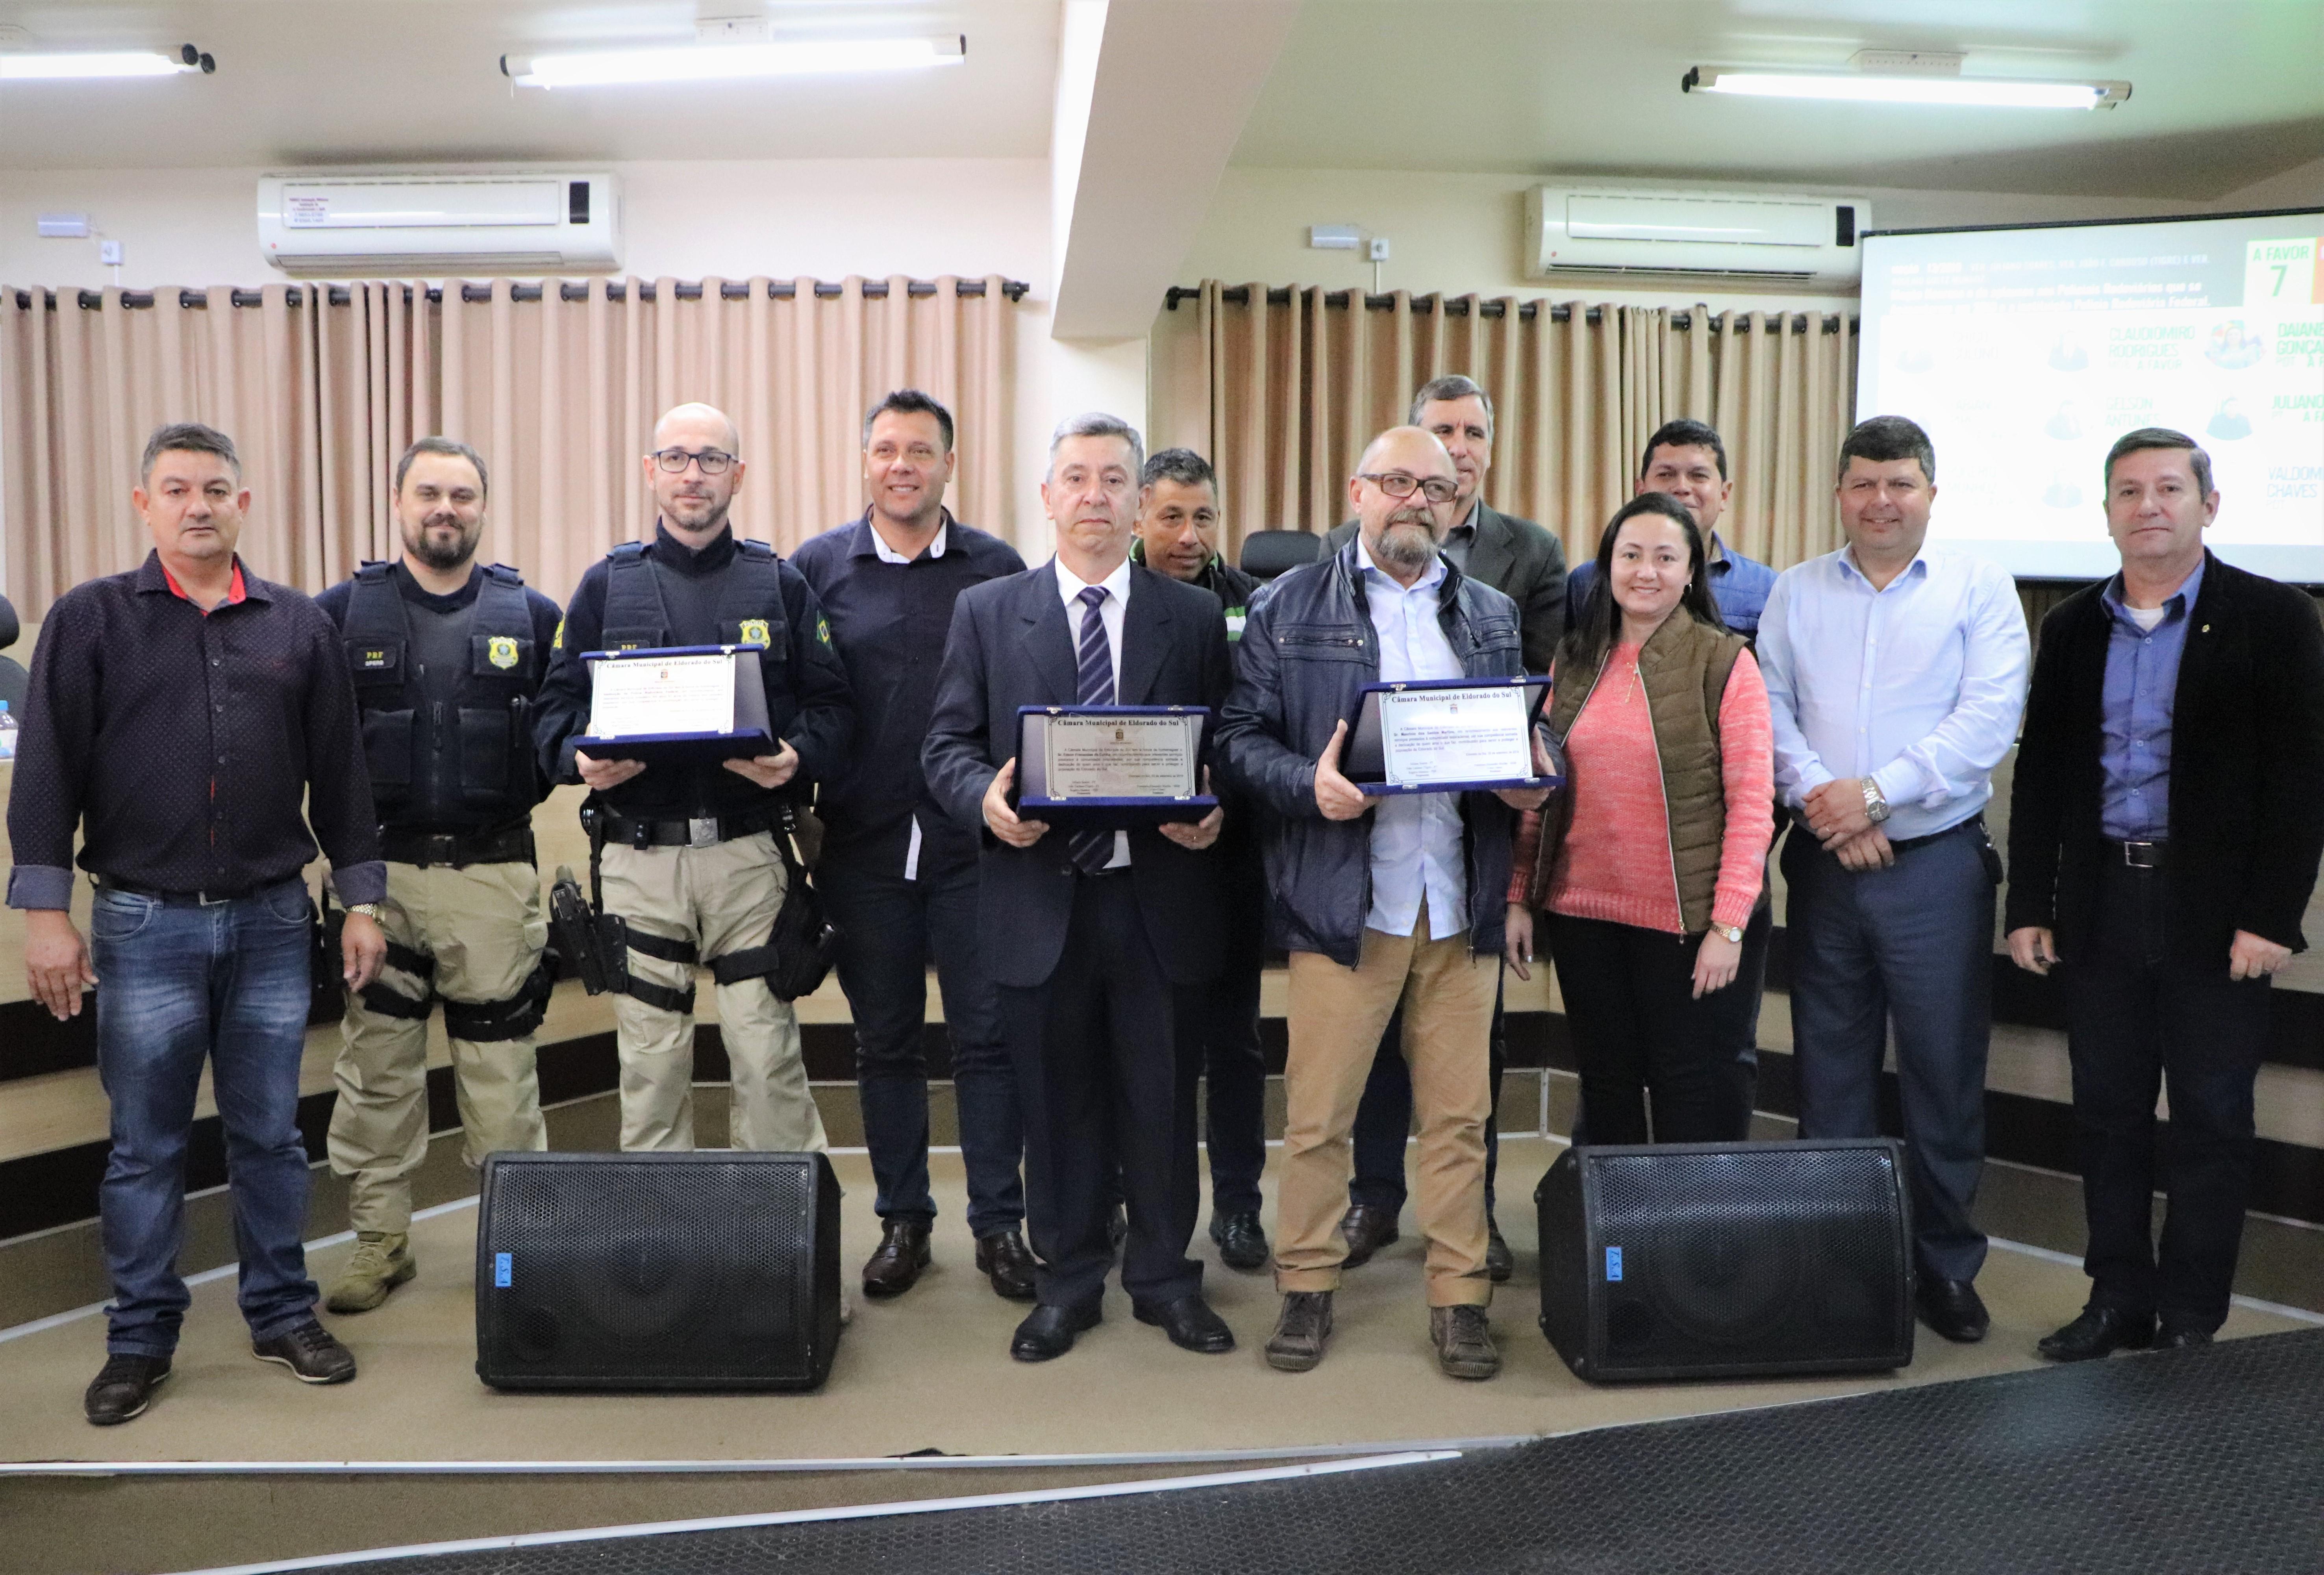 Câmara entrega Moção Honrosa à instituição Policia Rodoviária Federal